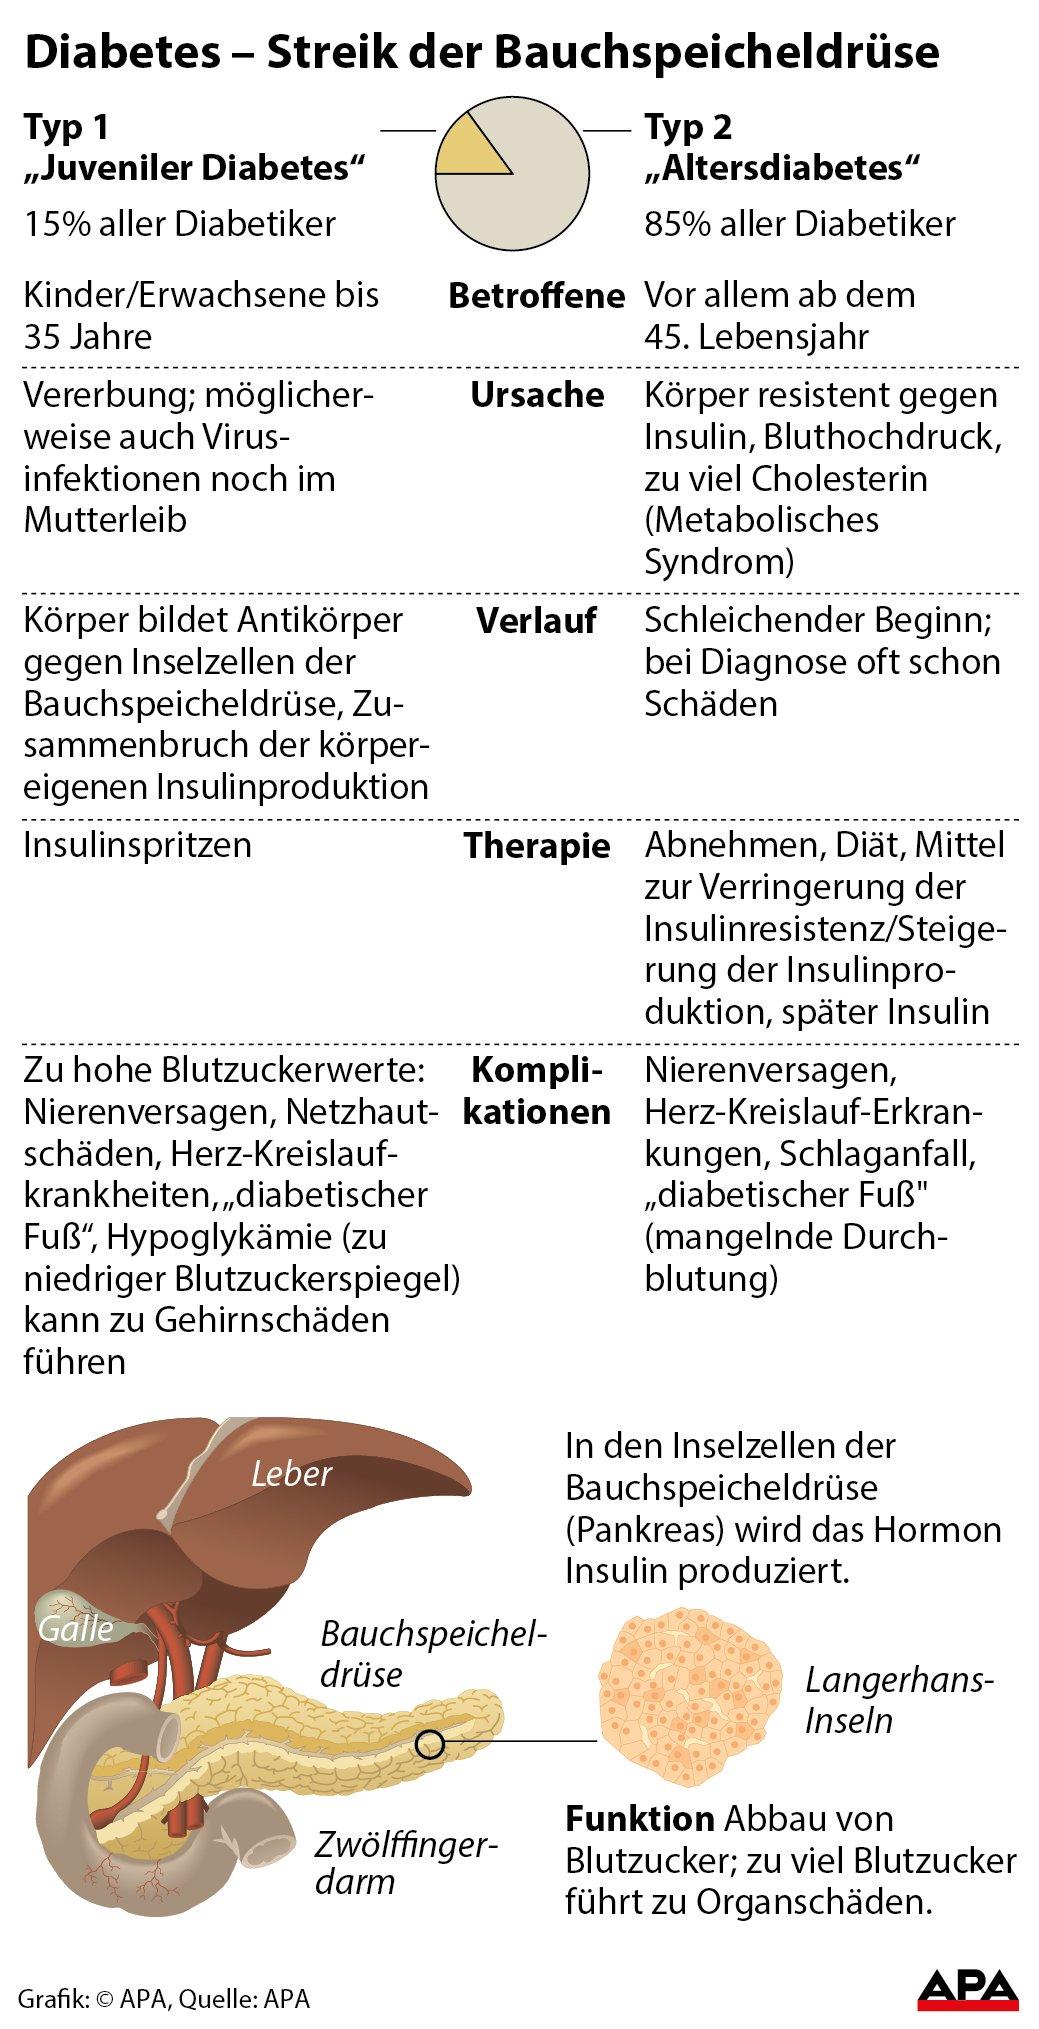 Schön Funktion Der Bauchspeicheldrüse Zeitgenössisch - Menschliche ...